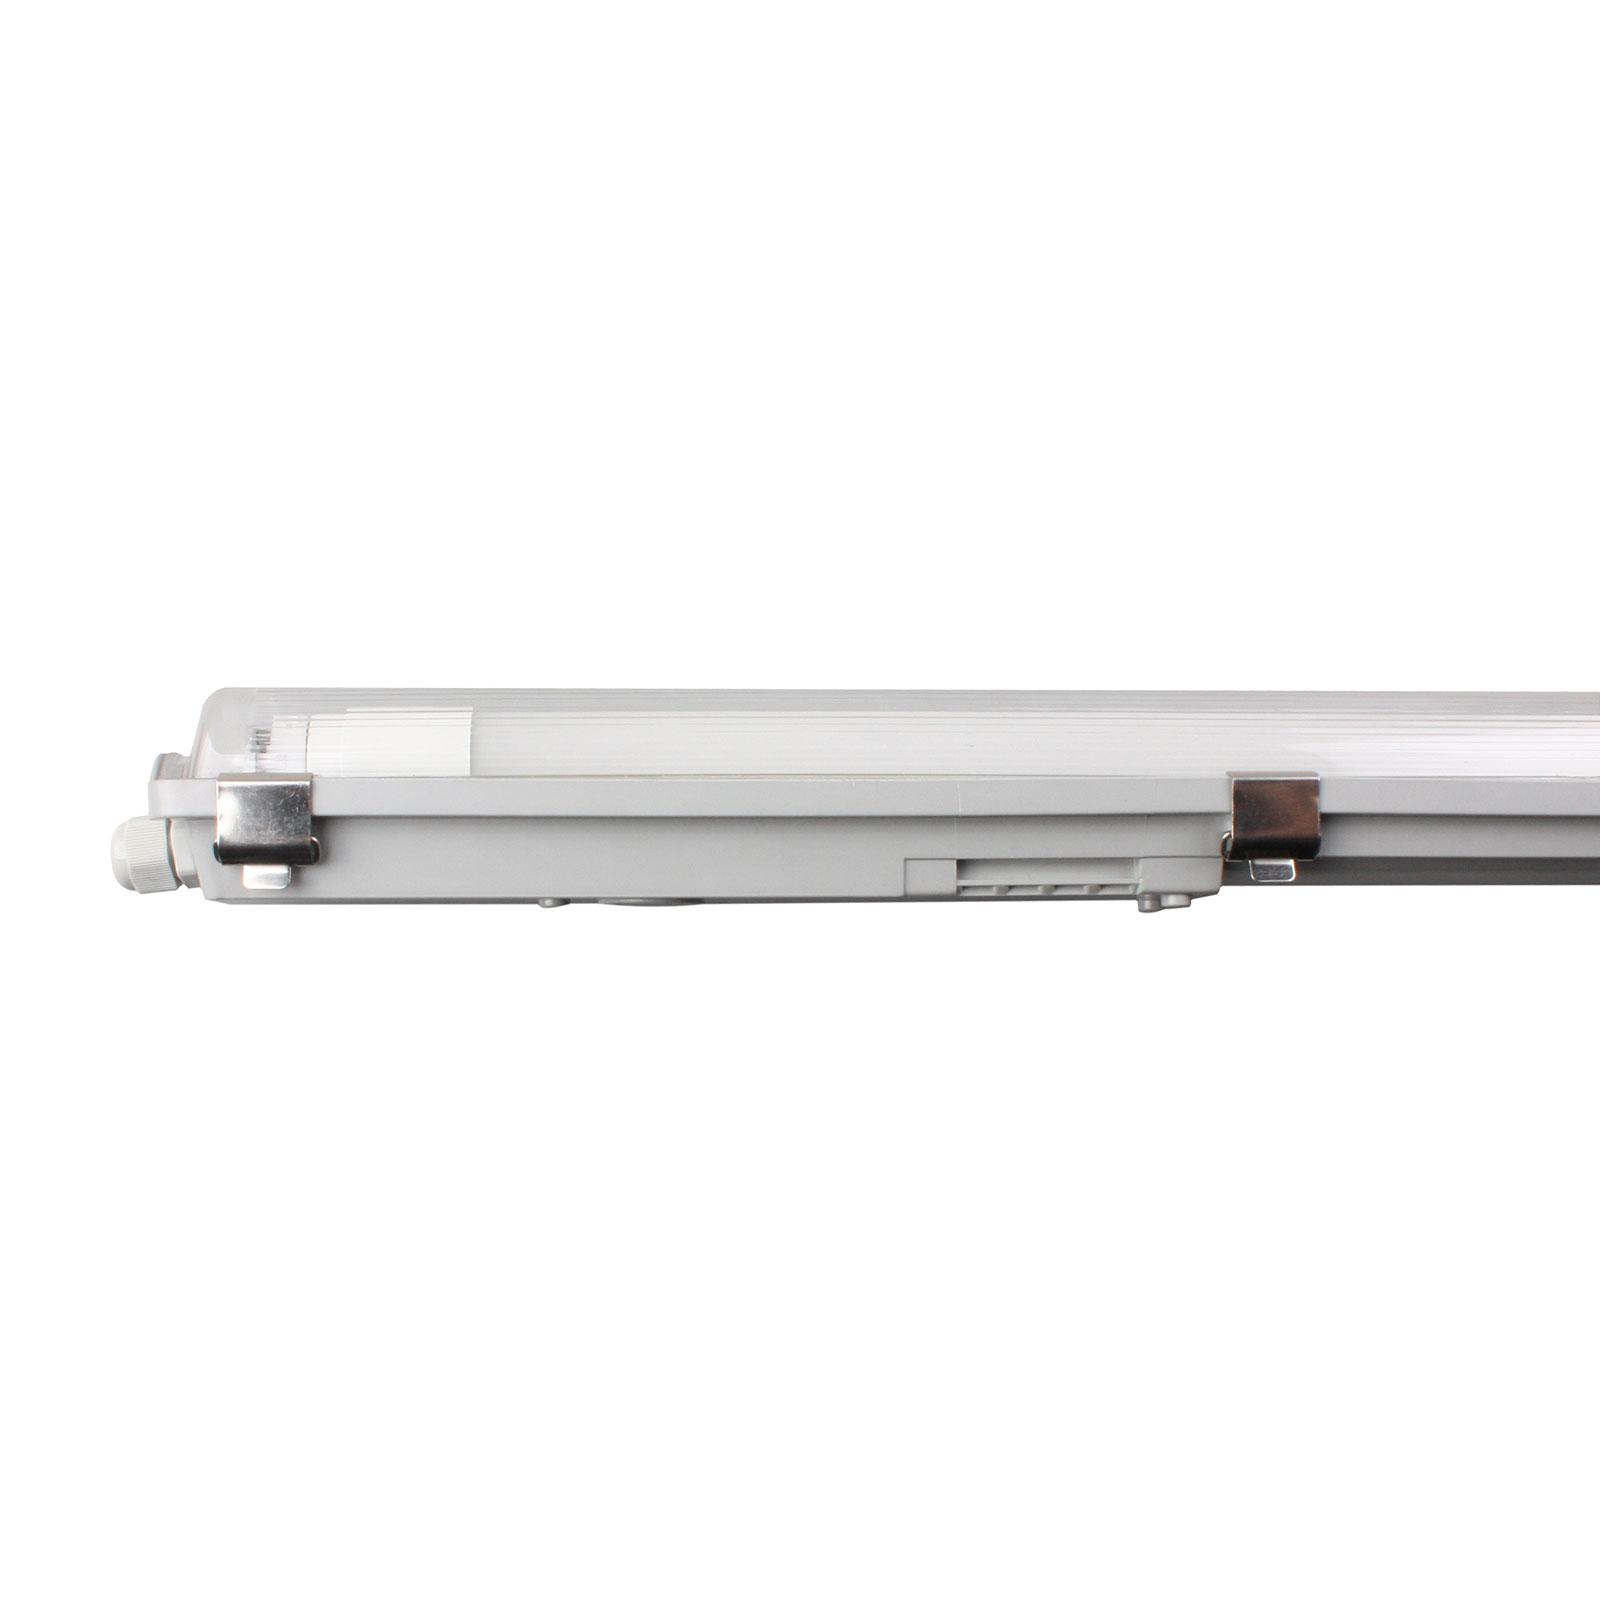 Aqua-Promo lampa sufitowa LED 157 cm 1-punktowa